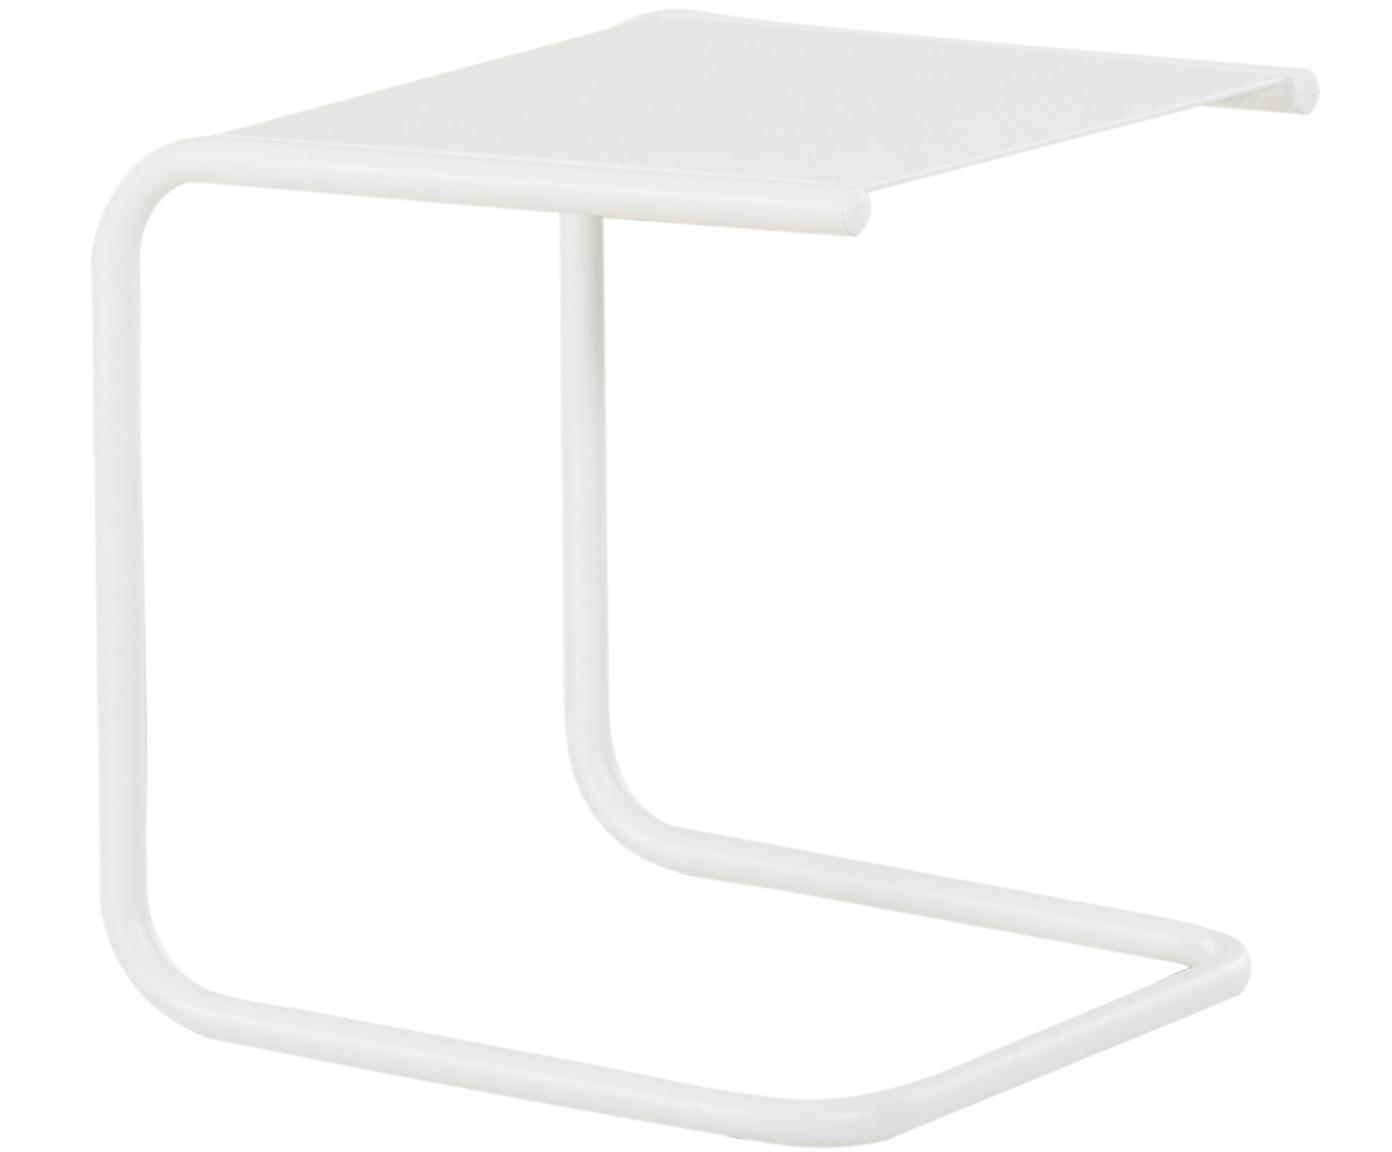 Outdoor bijzettafel Club van metaal, Tafelblad: gepoedercoat metaal, Frame: gepoedercoat aluminium, Wit, B 40 x D 40 cm